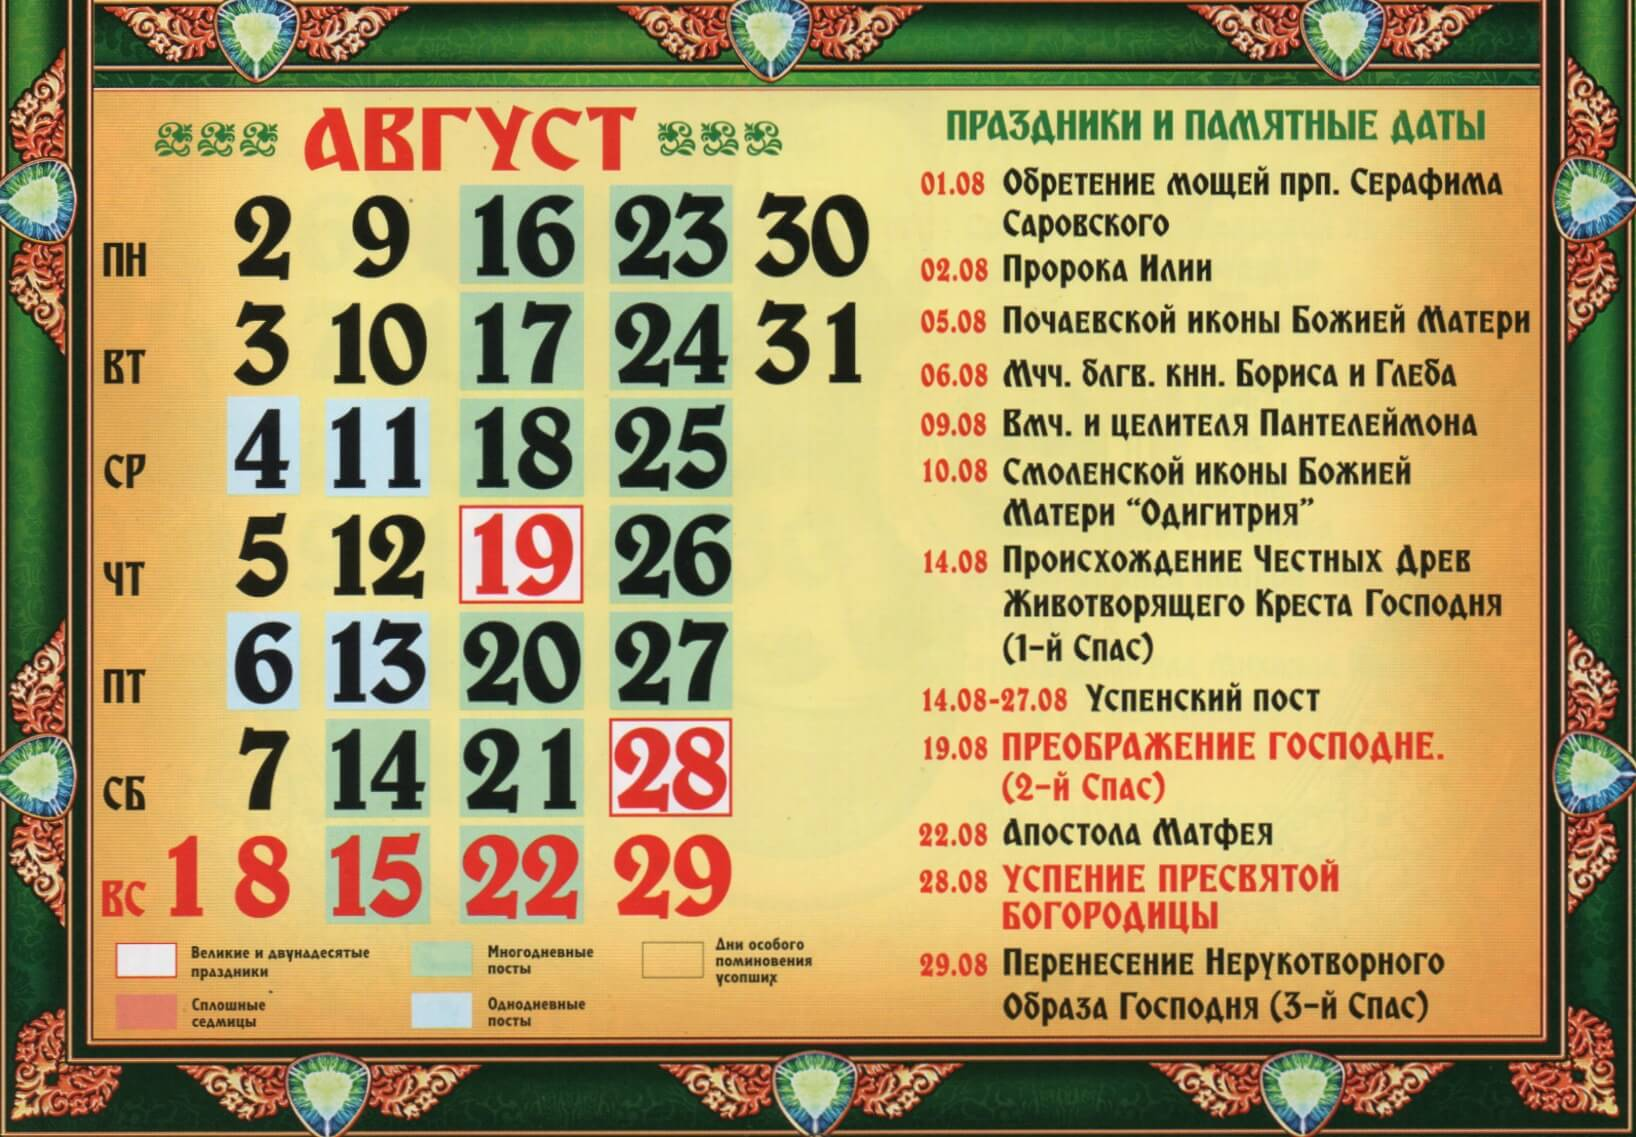 Православные церковные праздники в августе 2021 года